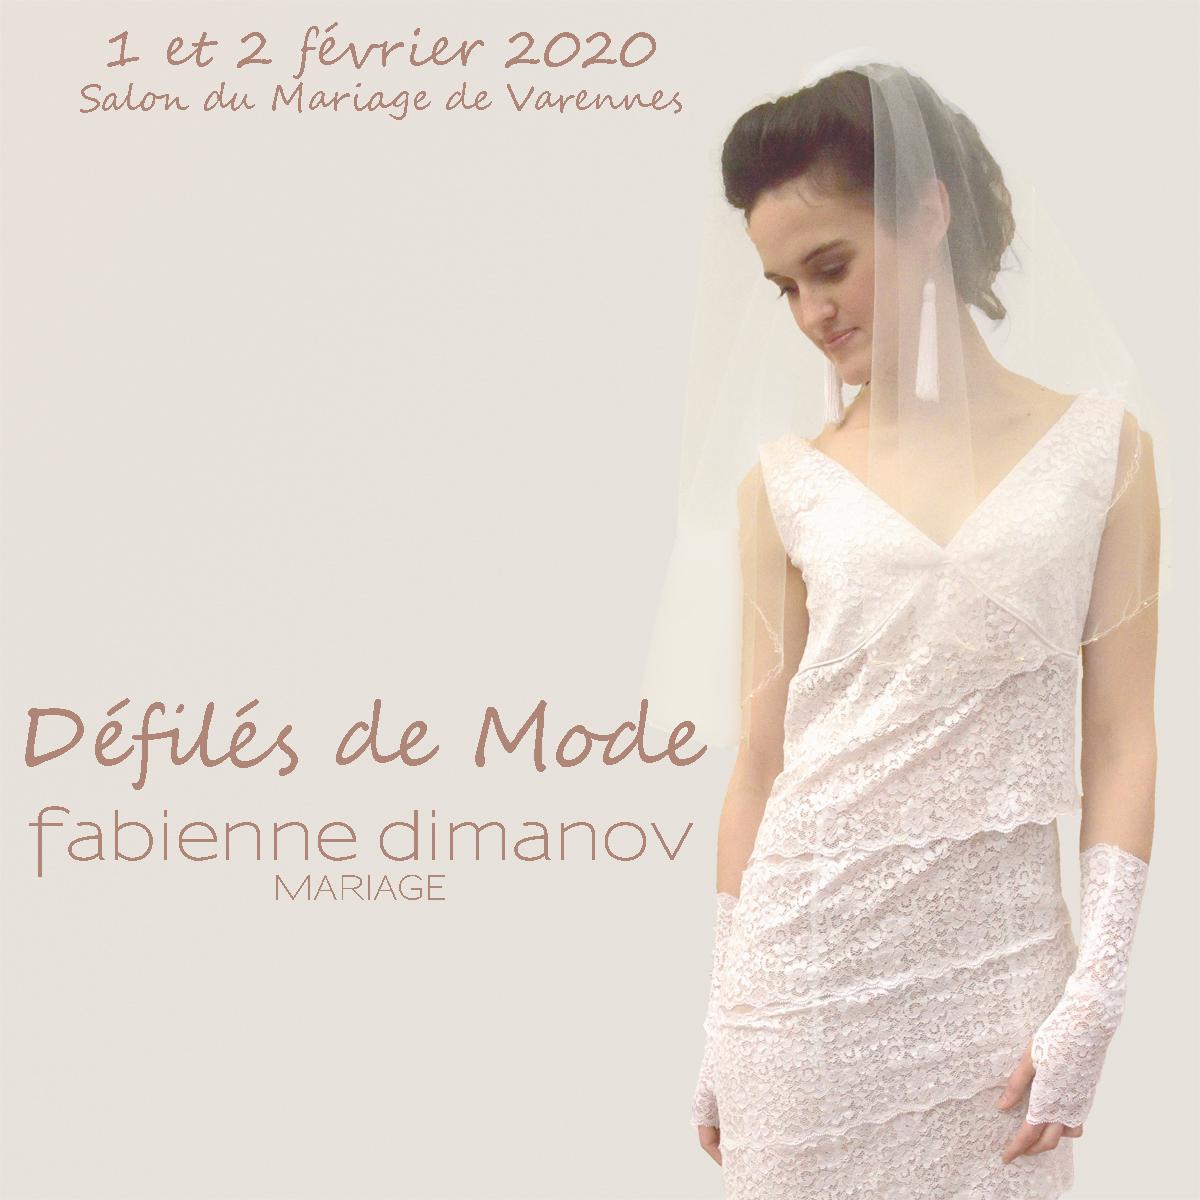 Défilés de Mode - Salon du Mariage de Varennes #1